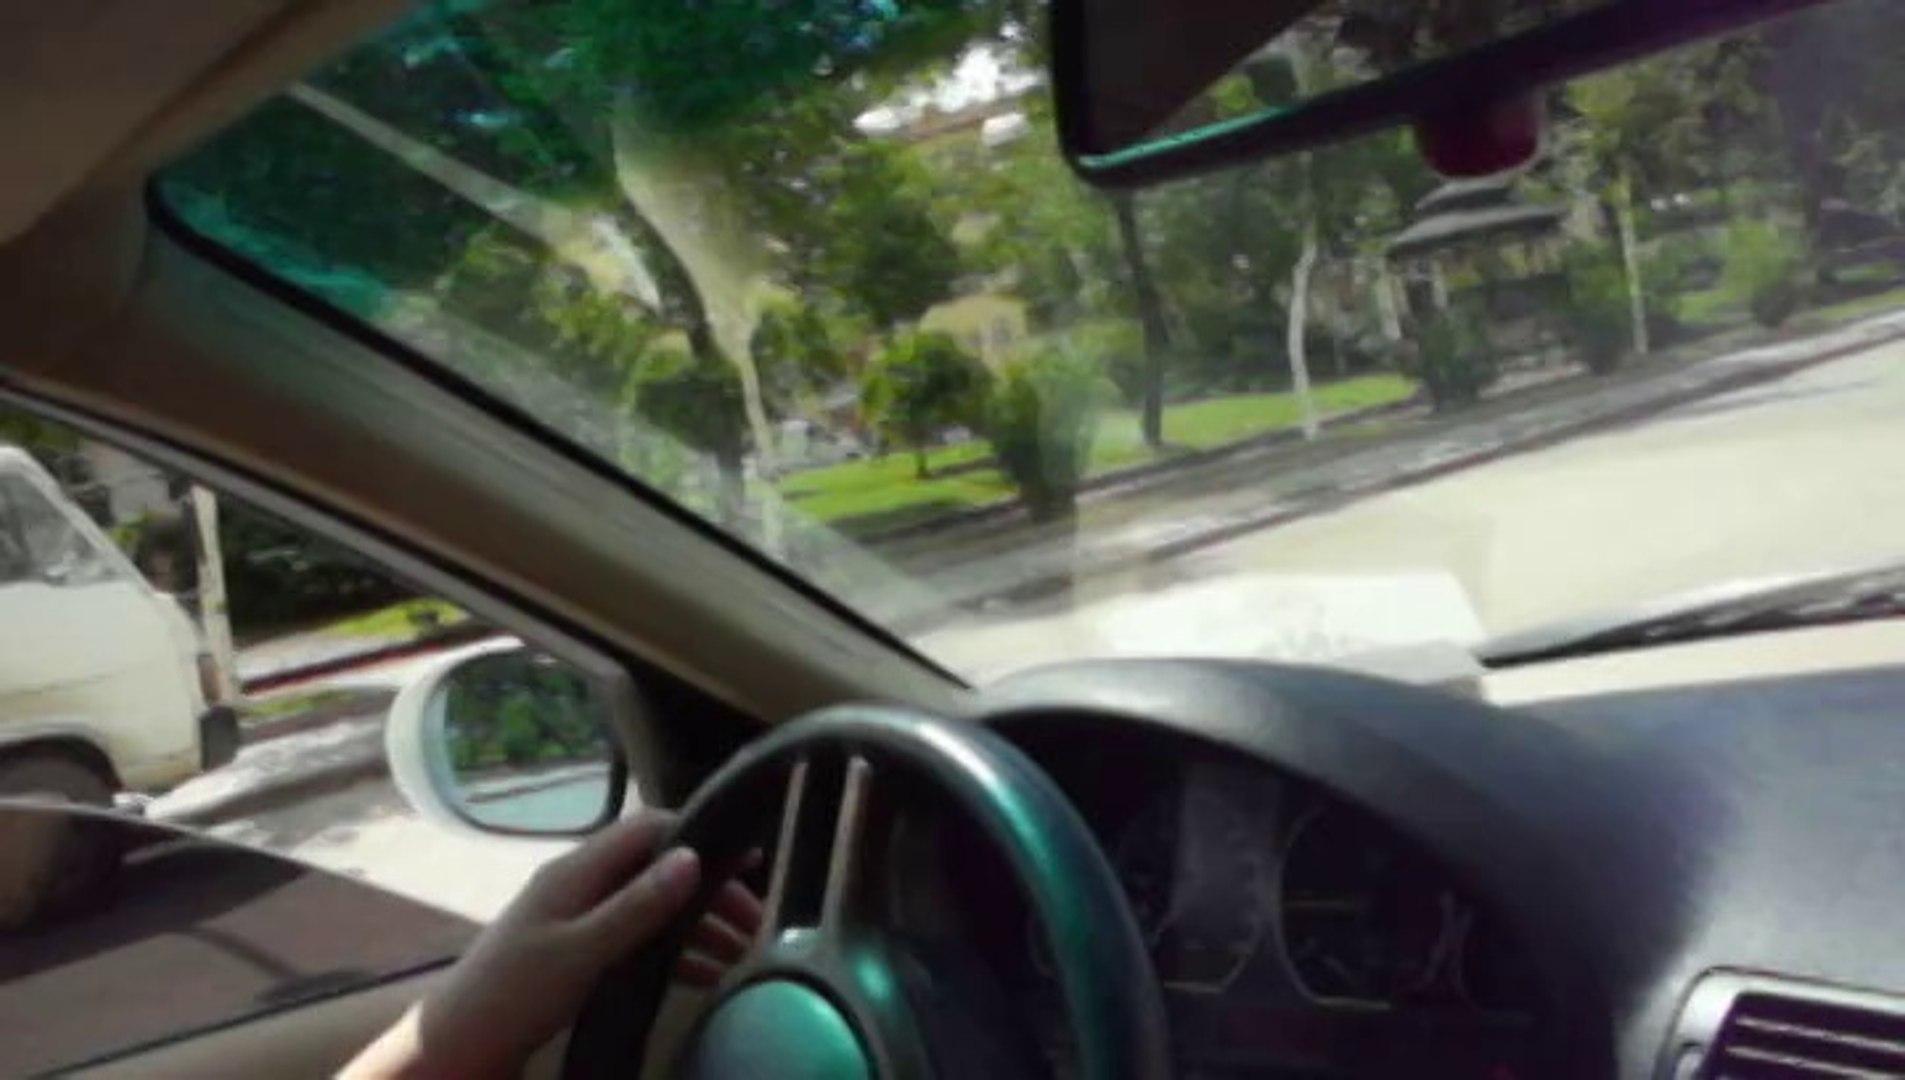 iki araç arası PARK çalışması 0542 226 67 95 Özel Direksiyon Eğitimi Verilir